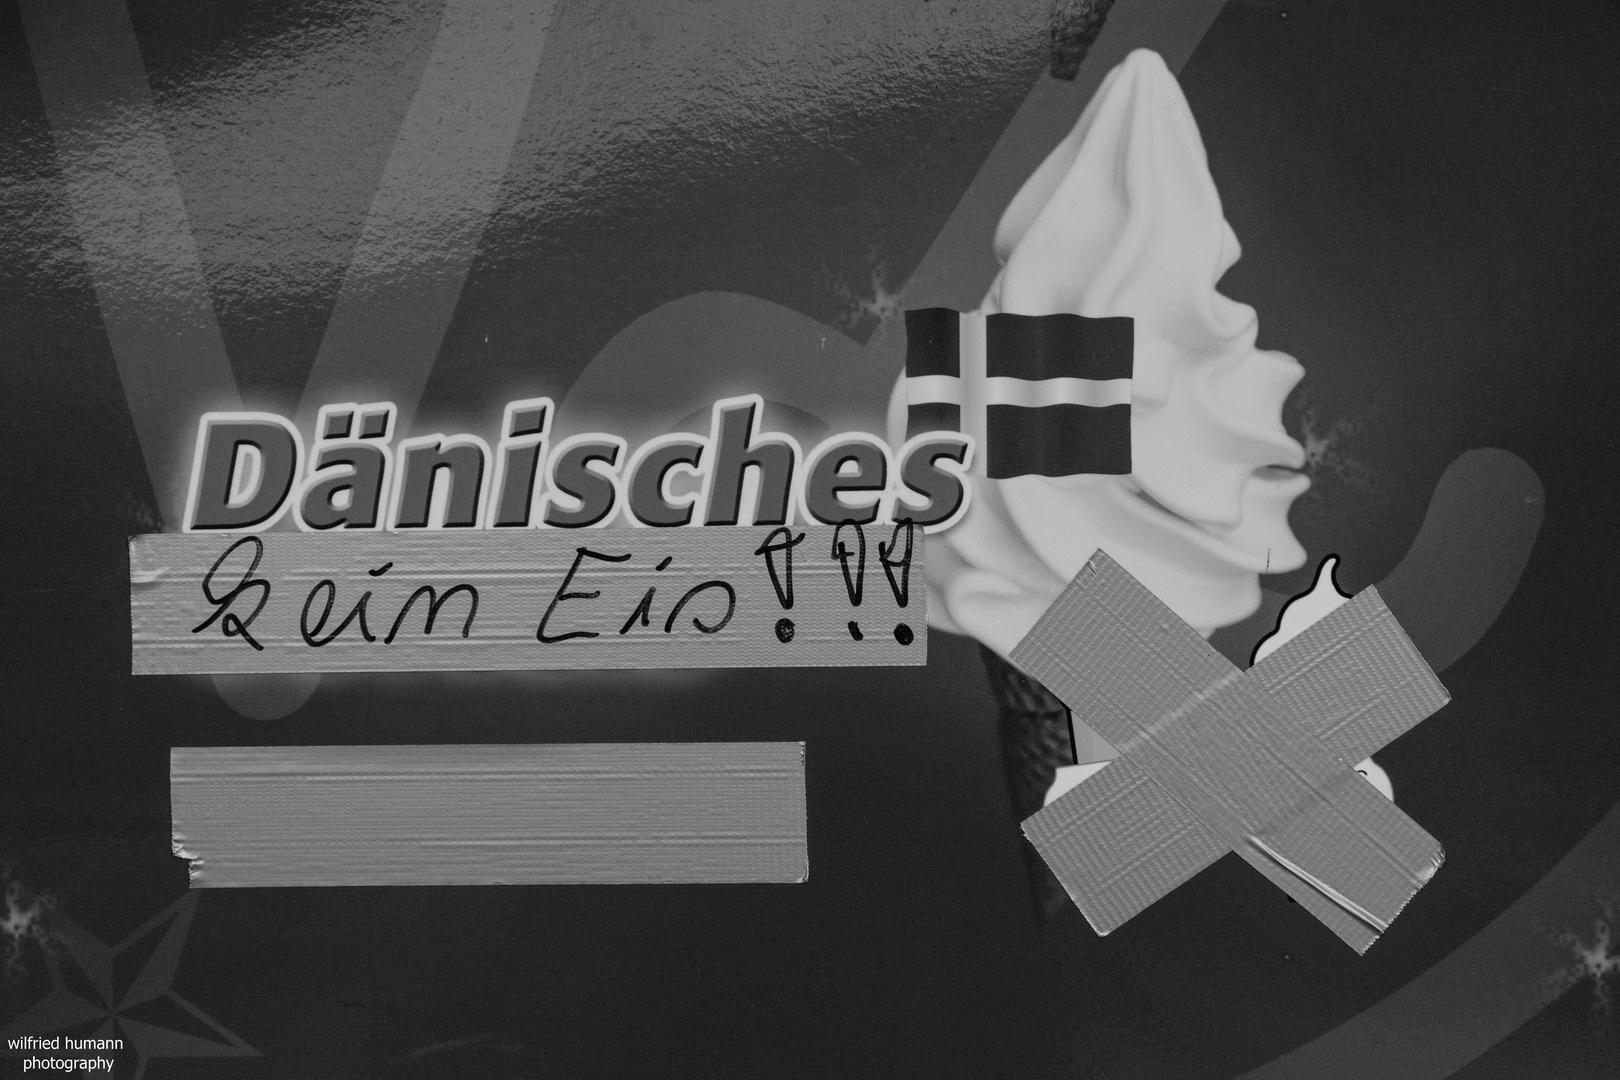 Dänisches kein Eis!!!